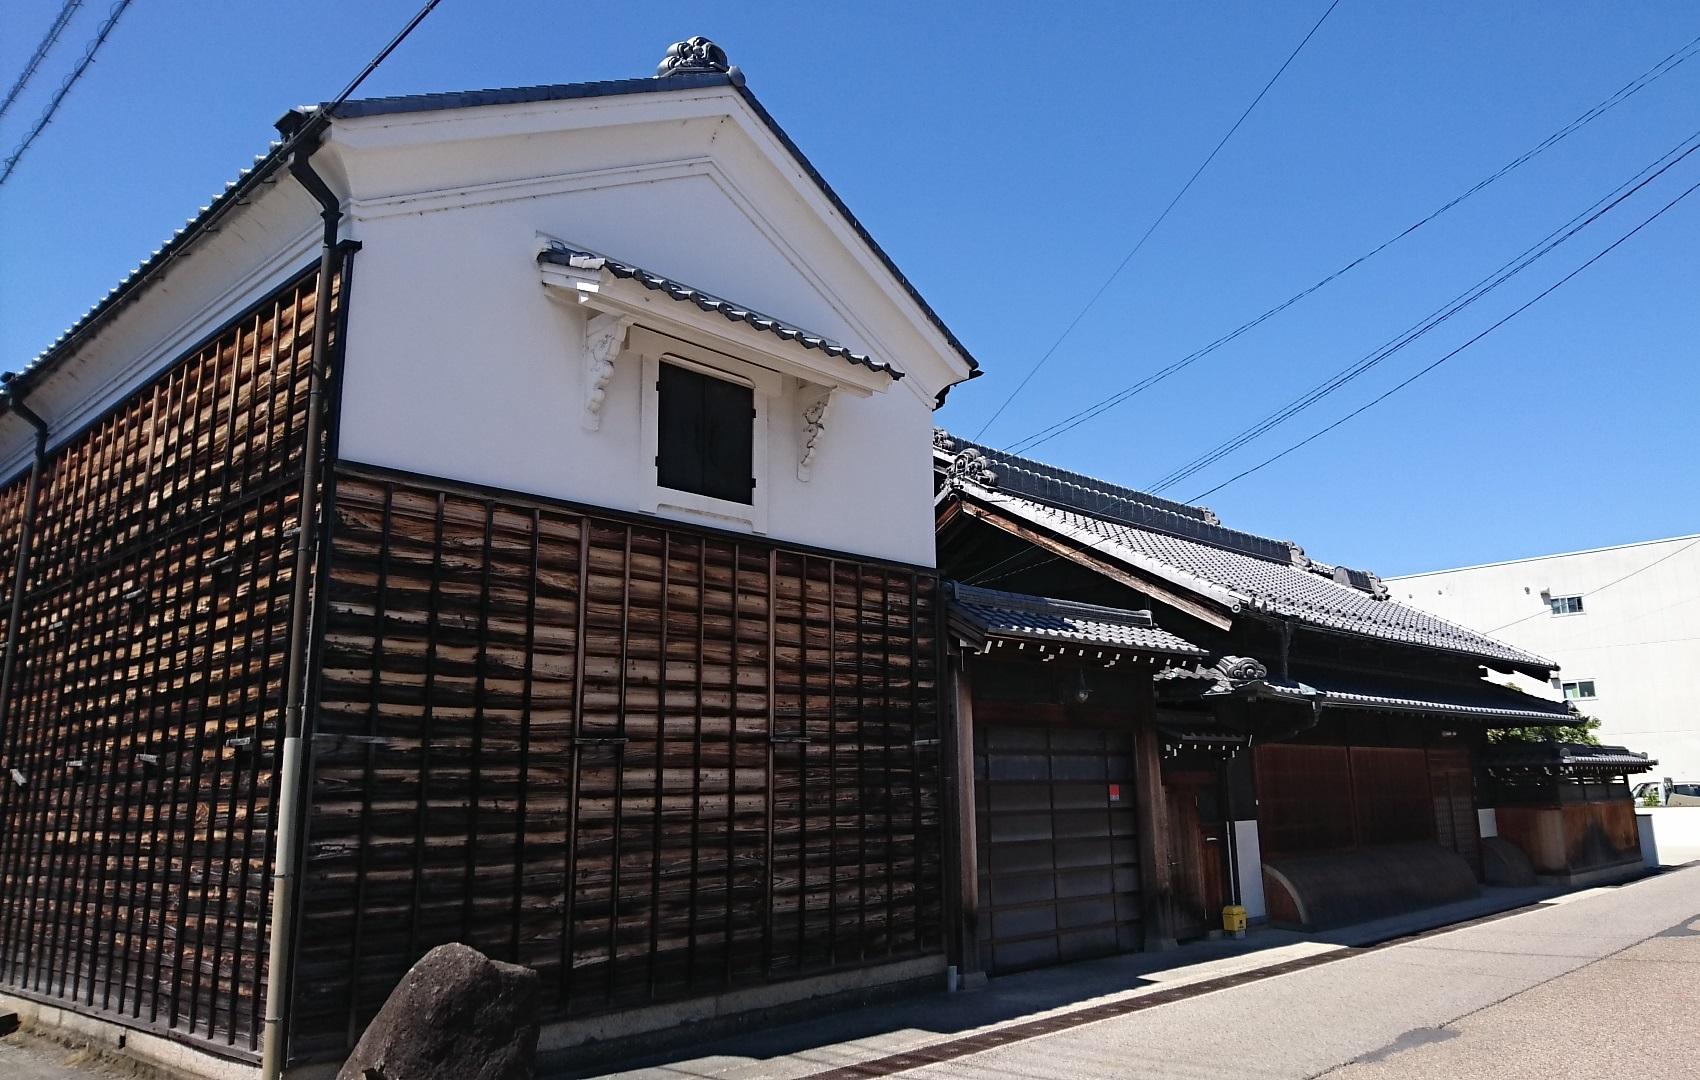 2017.5.19 大井 (60) 中山道 - 民家 1700-1080